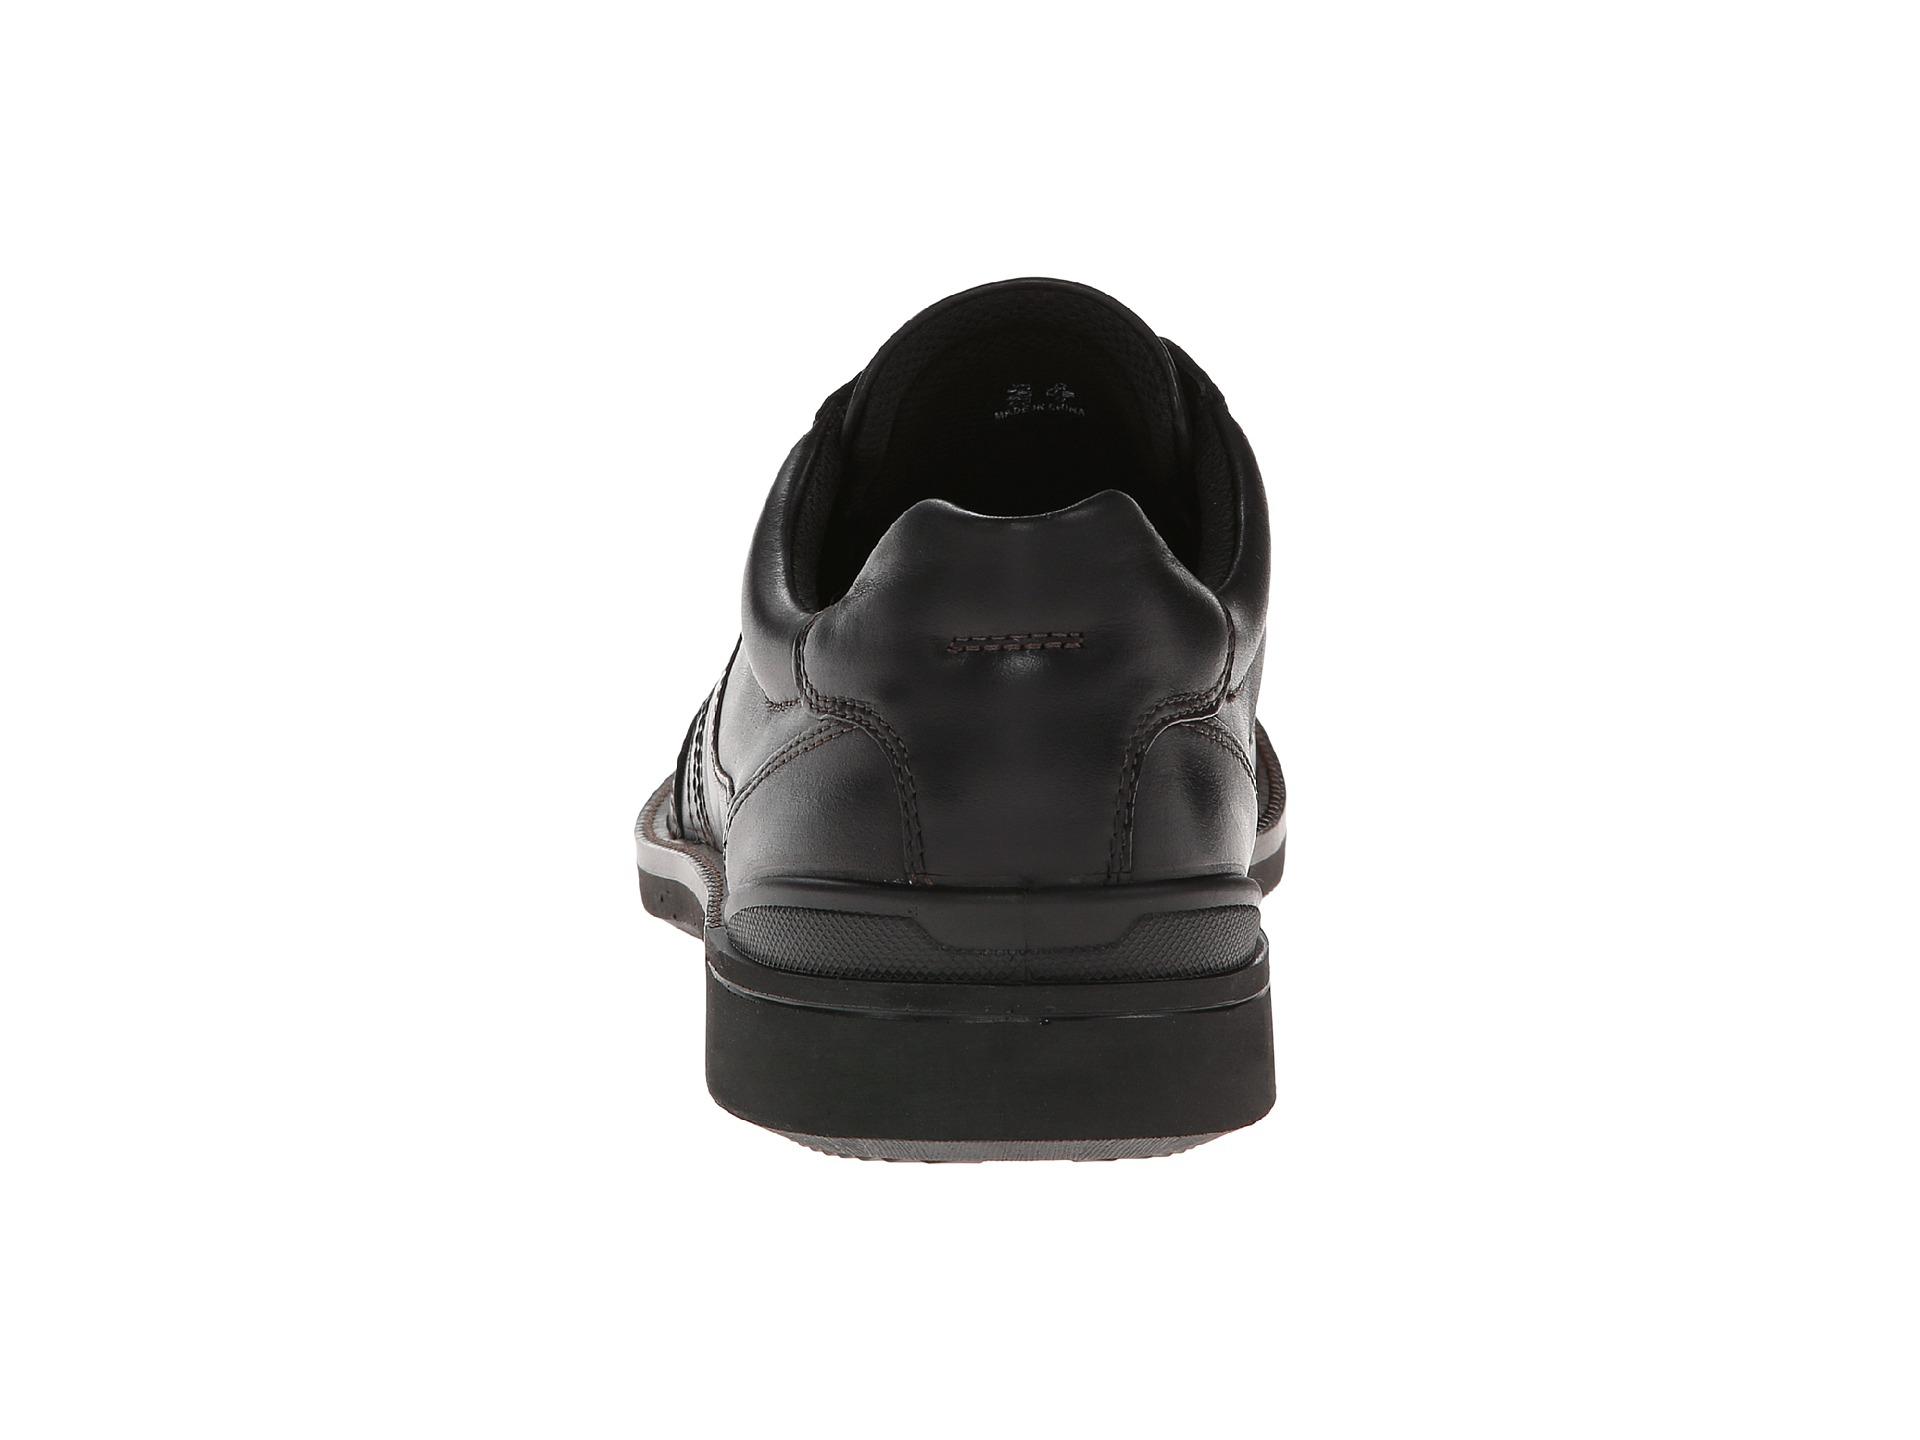 7ba454b1c1 Lyst - Ecco Fenn Tie in Black for Men